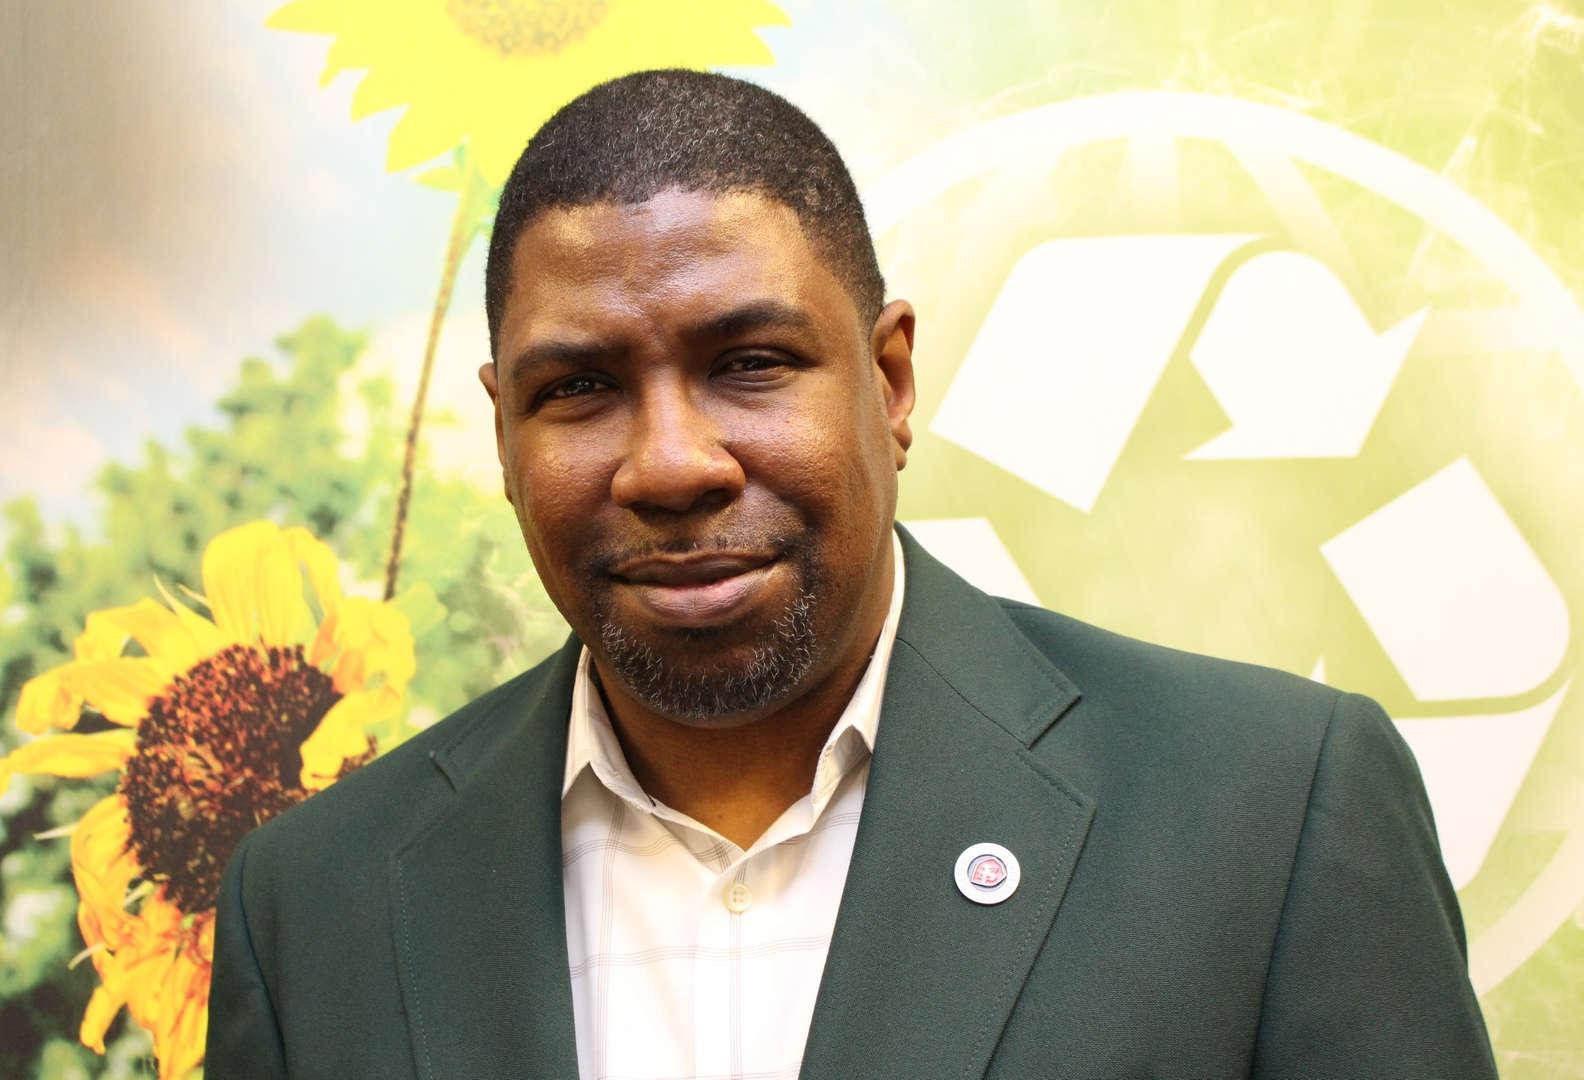 Mr. Jones - President